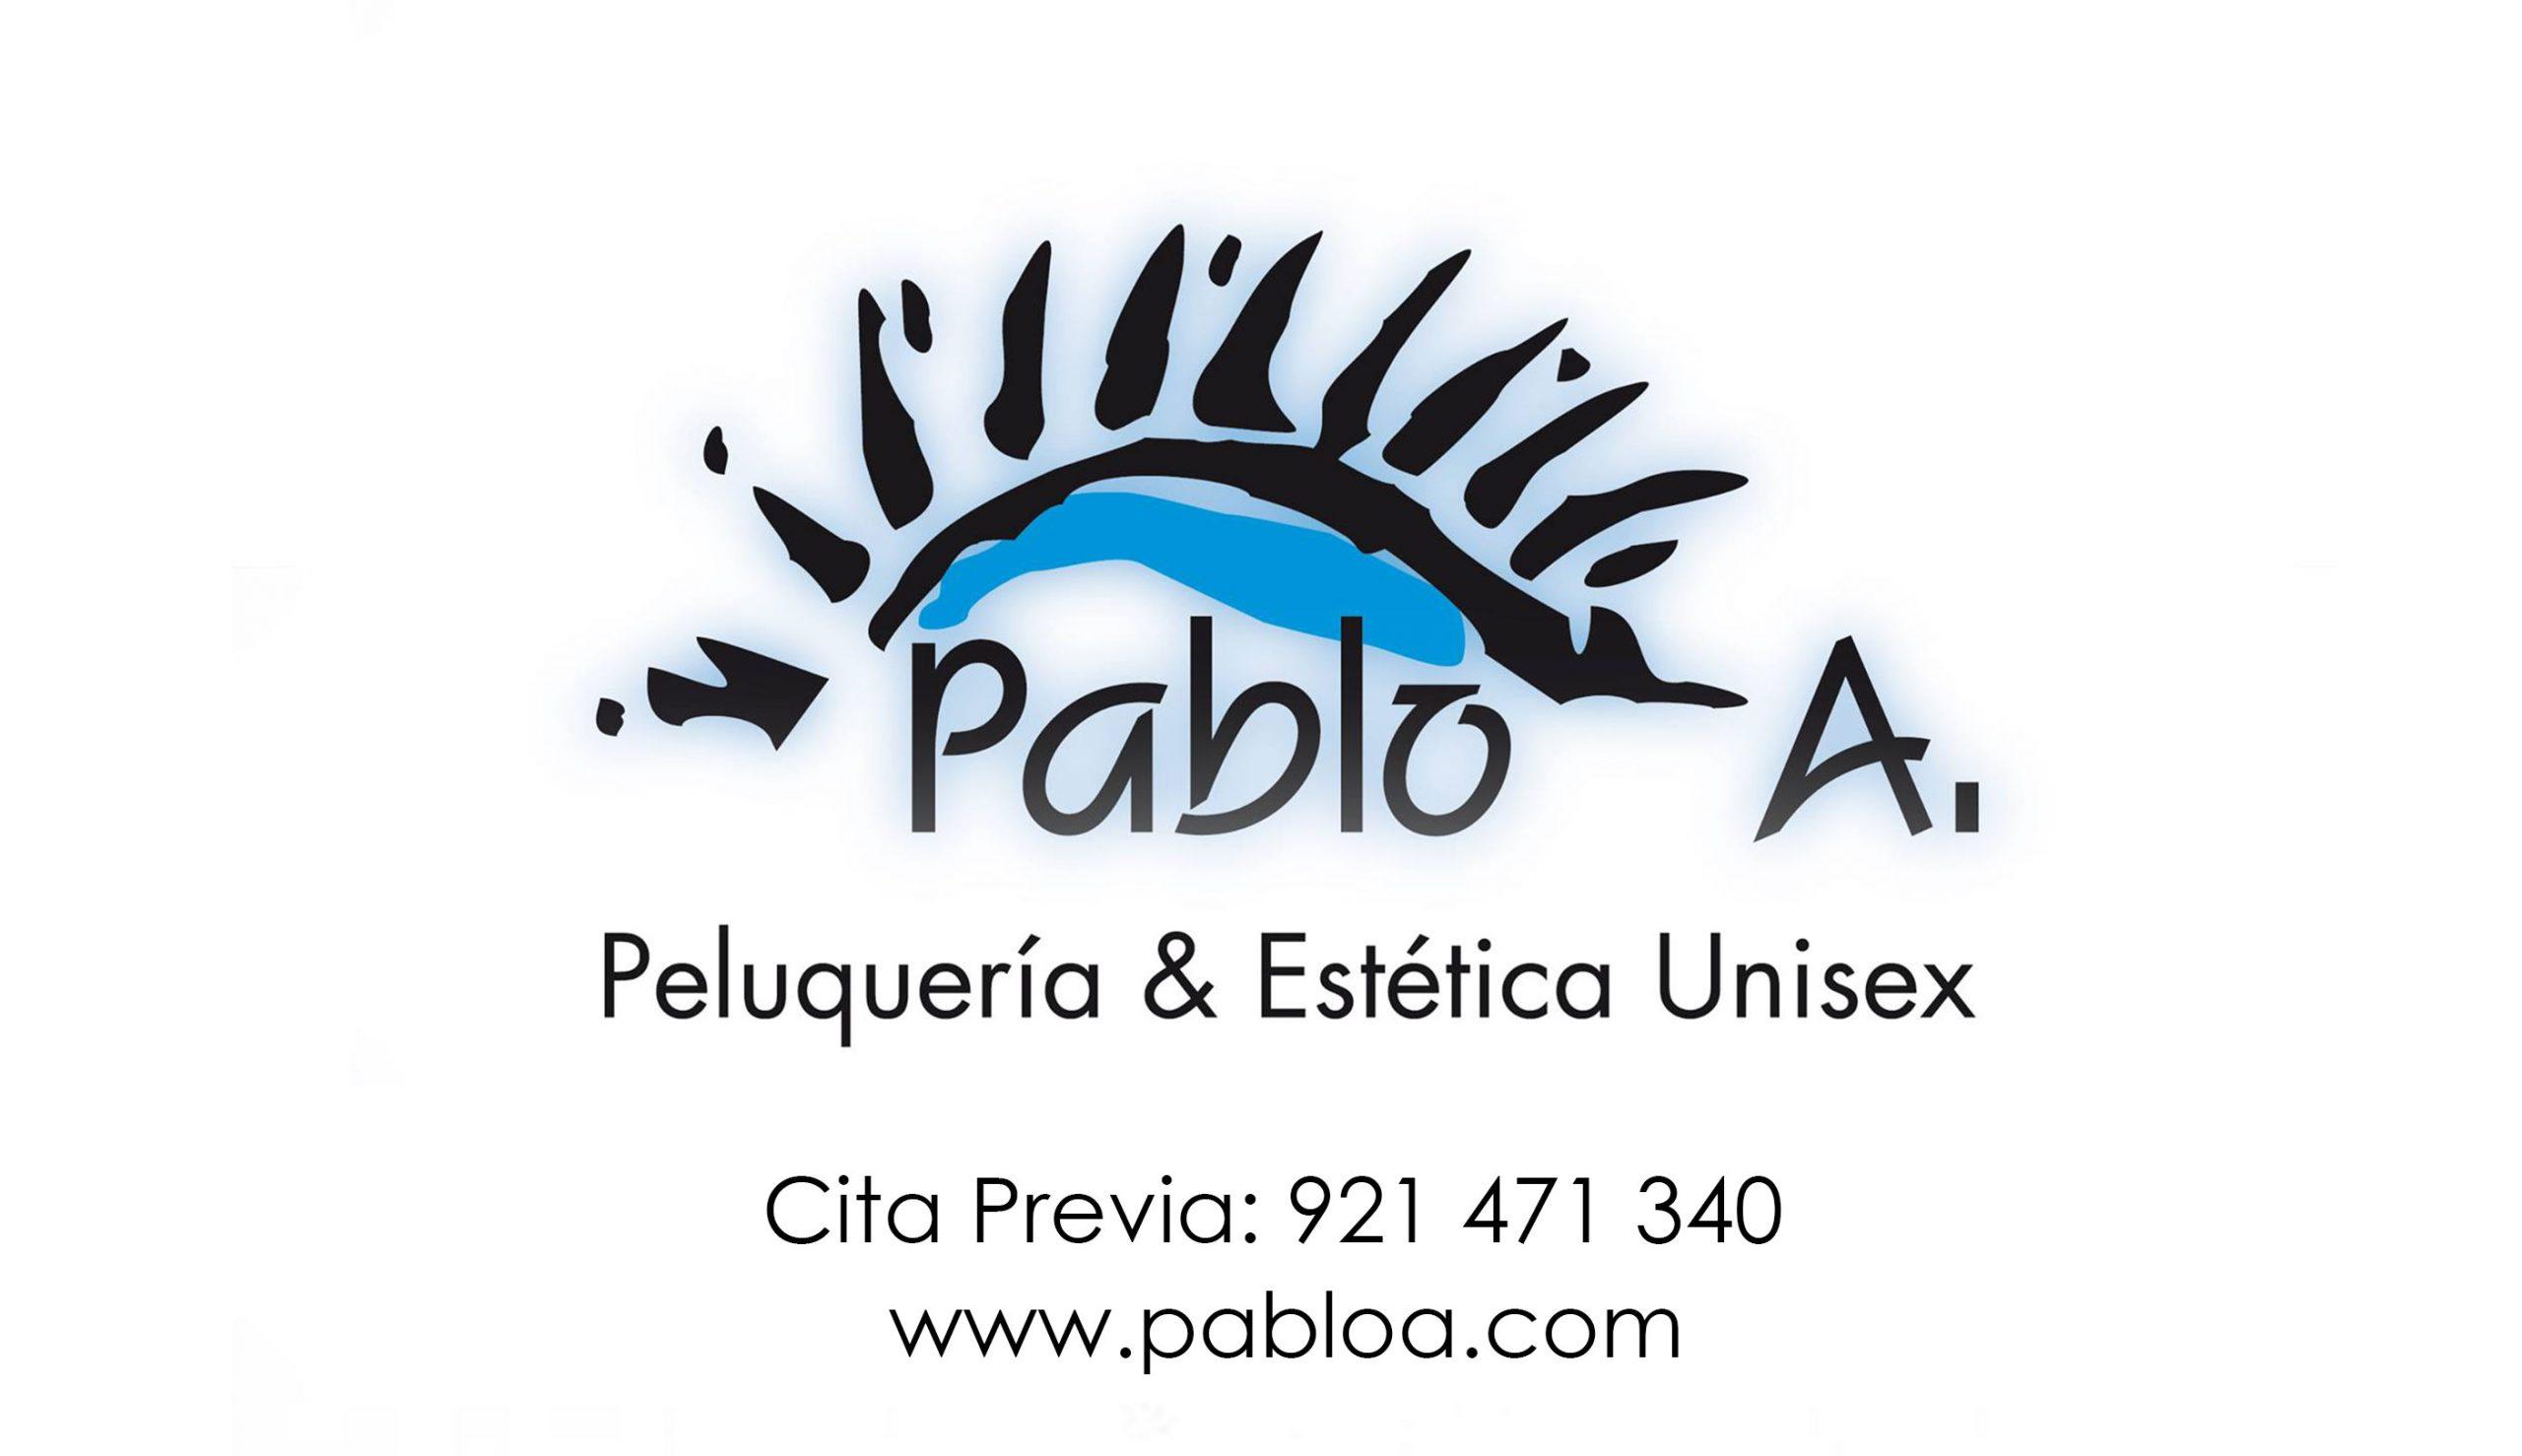 6--Pablo_A_Peluqueria